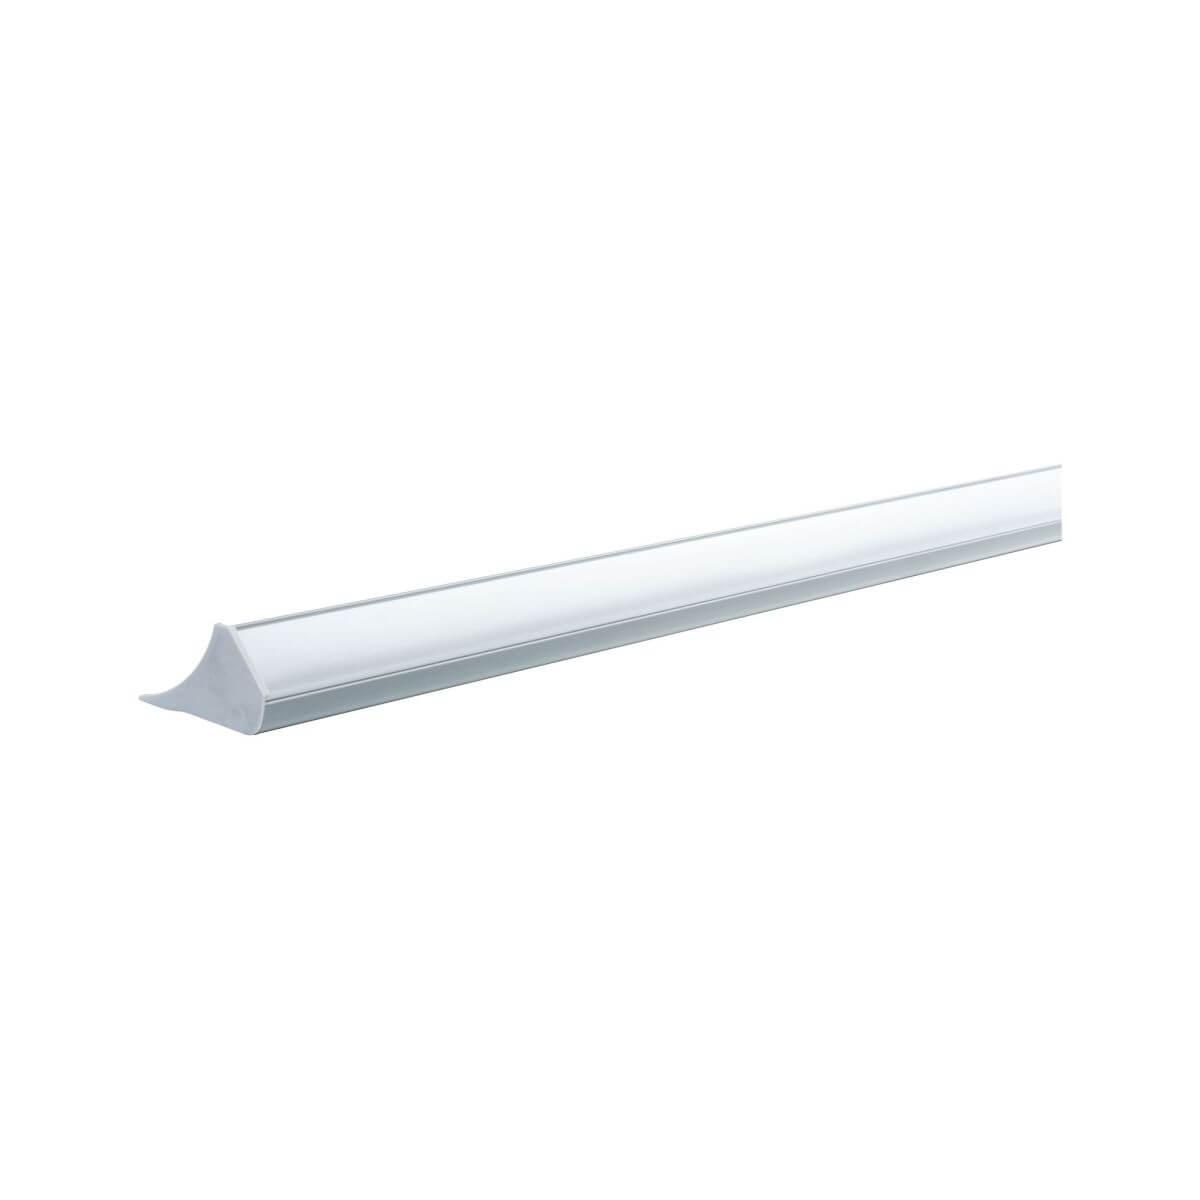 PaulmannCorner Profil, 2m, Grau, Kunststoff